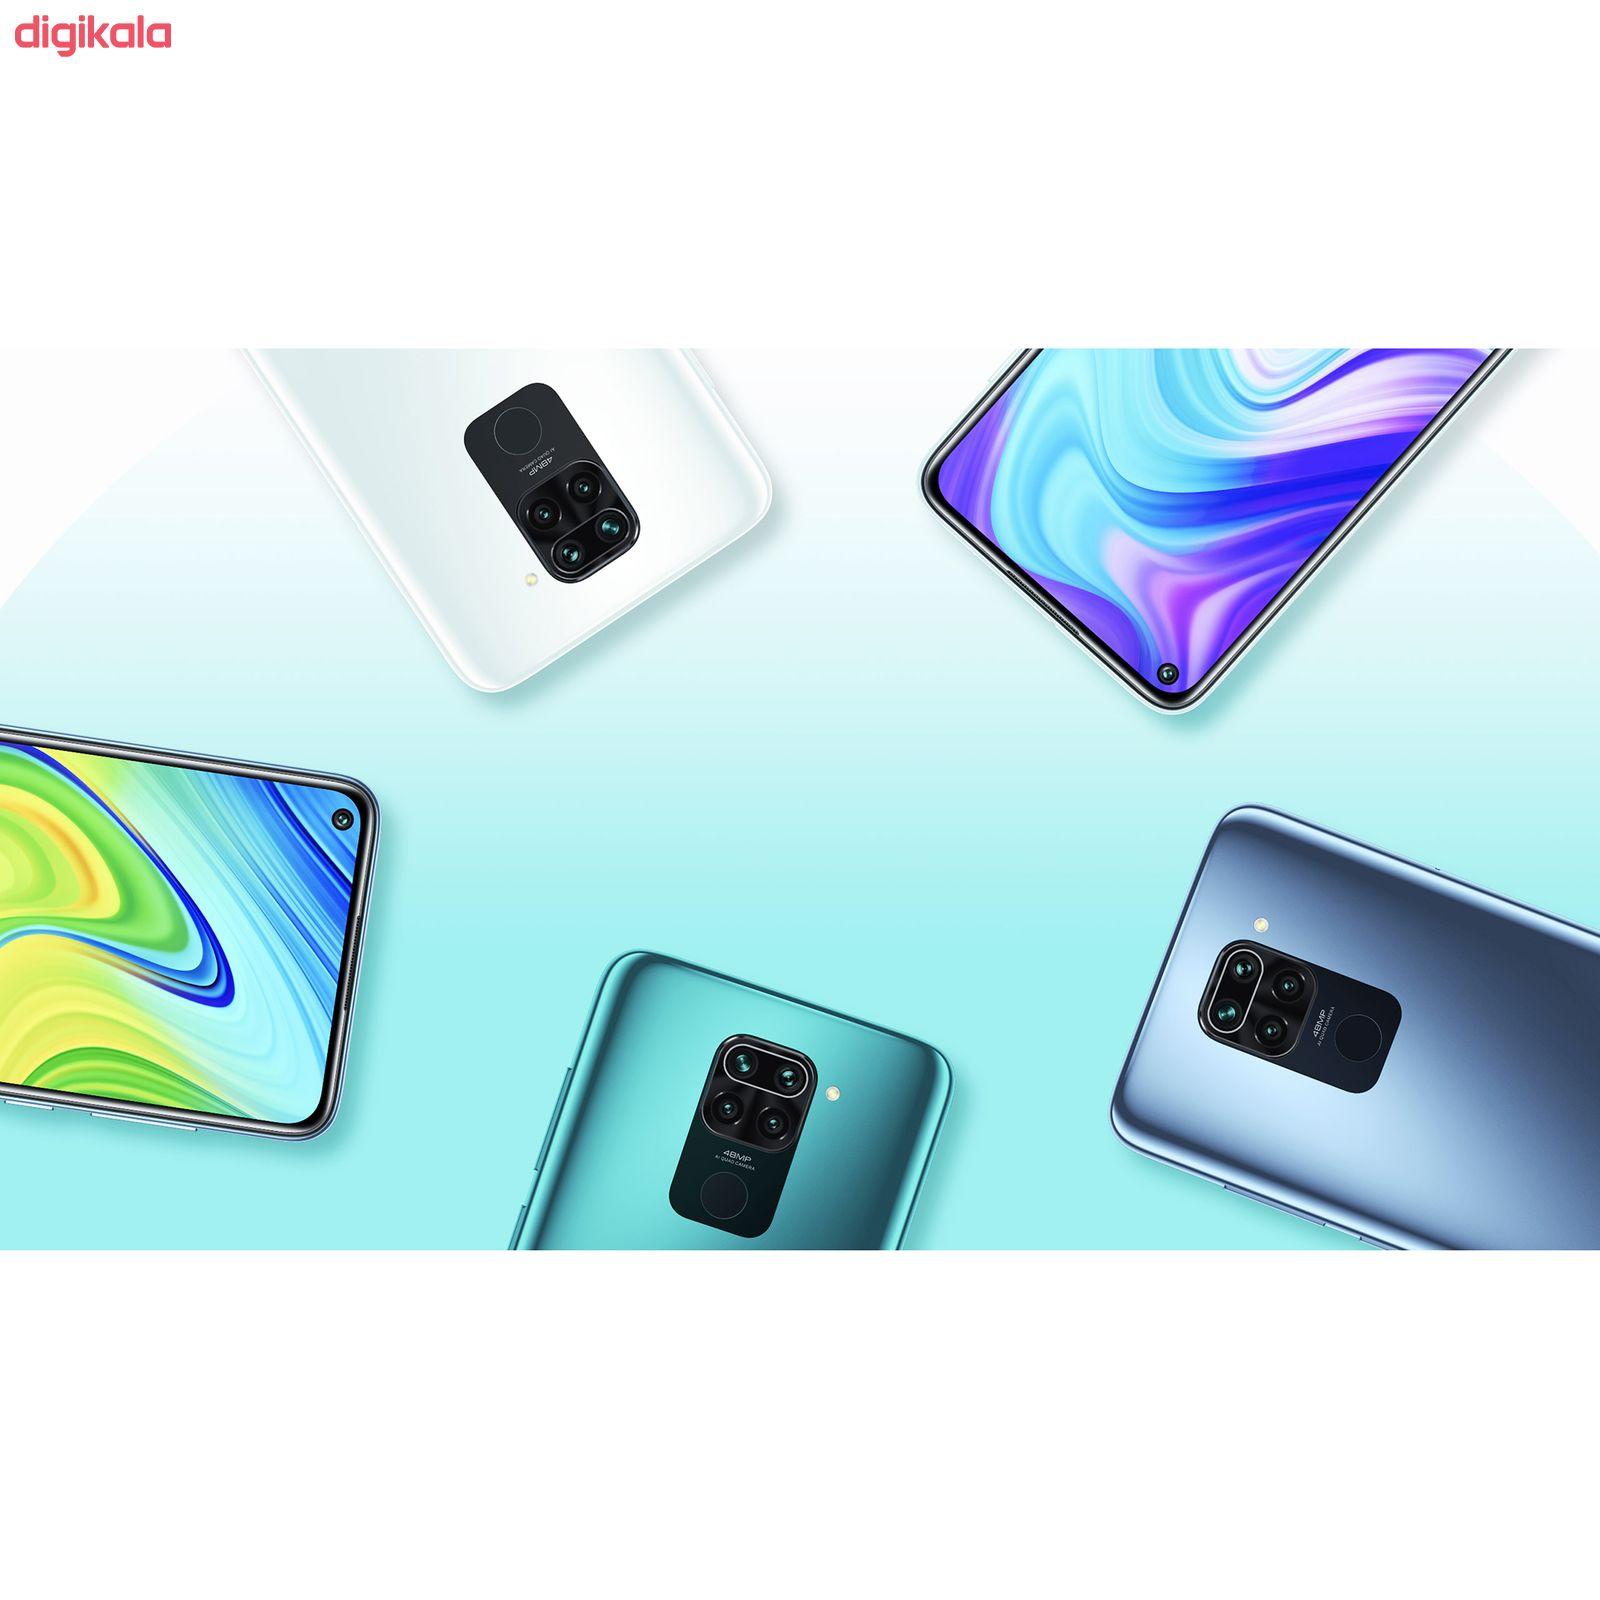 گوشی موبایل شیائومی مدل Redmi Note 9 M2003J15SG دو سیم کارت ظرفیت 128 گیگابایت و رم ۴ گیگابایت